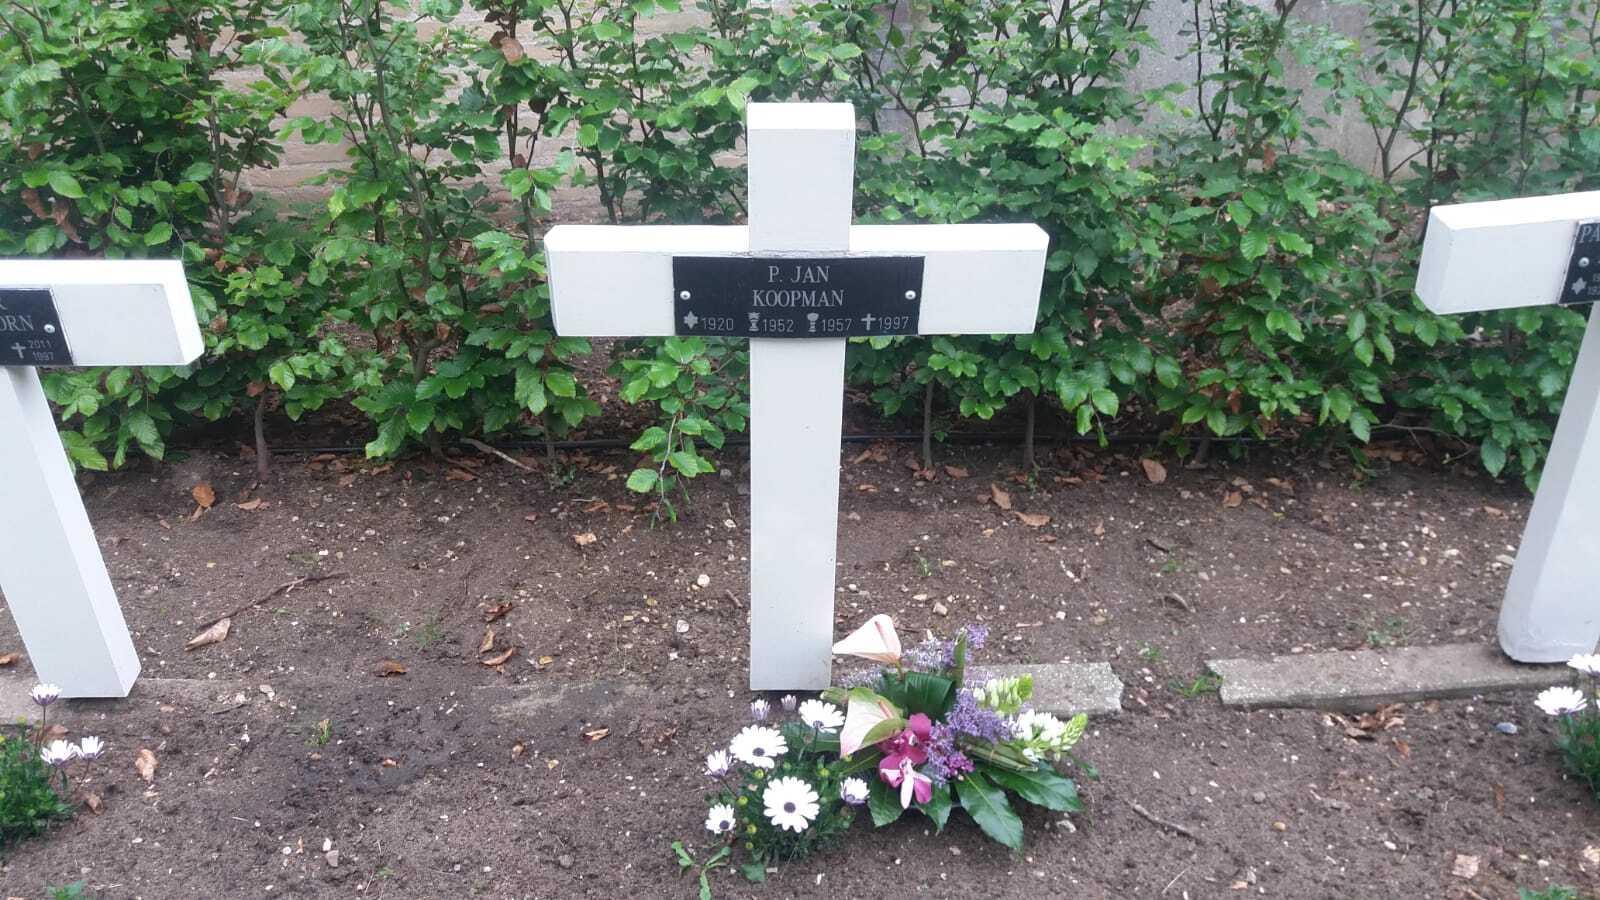 Stirezo herdenkt Pater Koopman